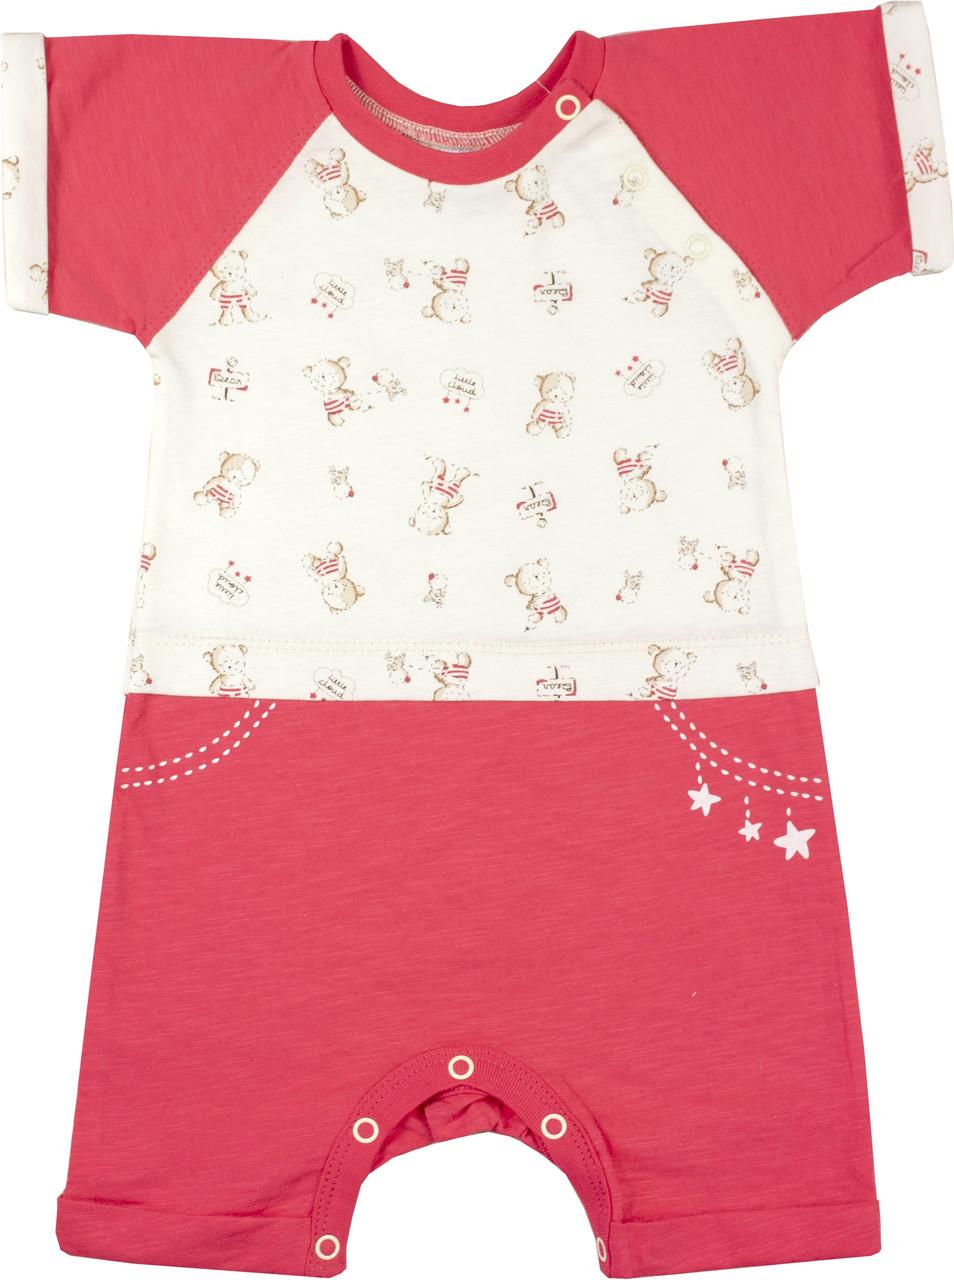 Песочник Верес Little Bear pink кулир 68 розовый